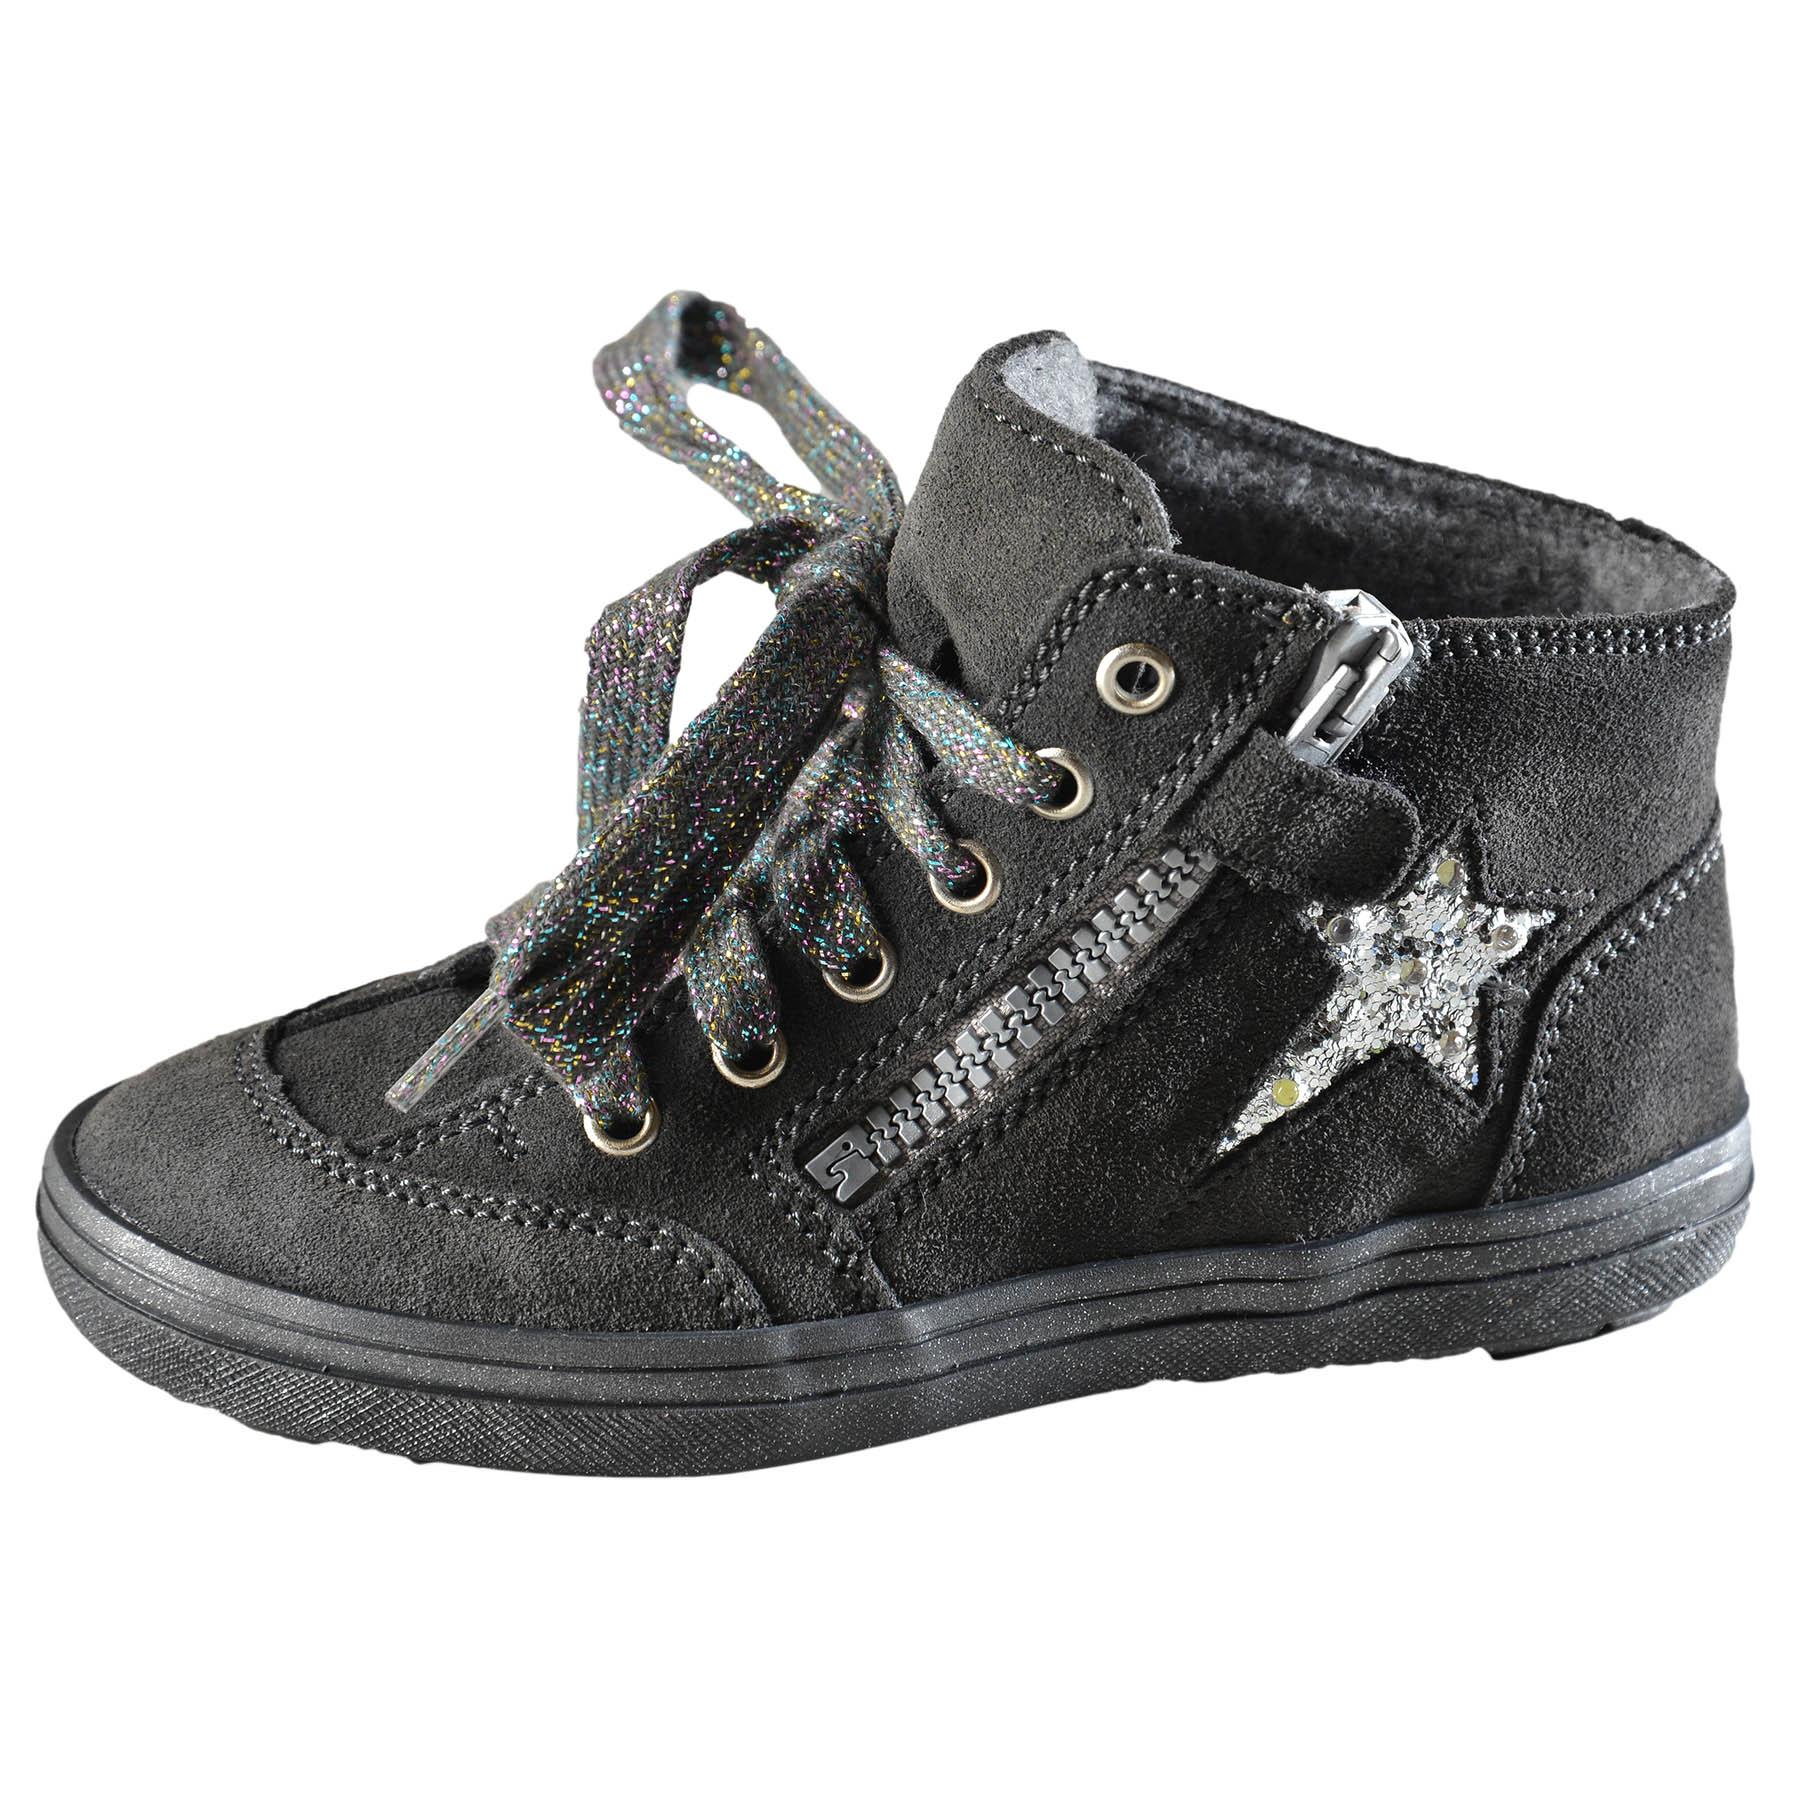 59d9b335ea42 Dievčenské blikajúce topánky Richter - 4441-6501